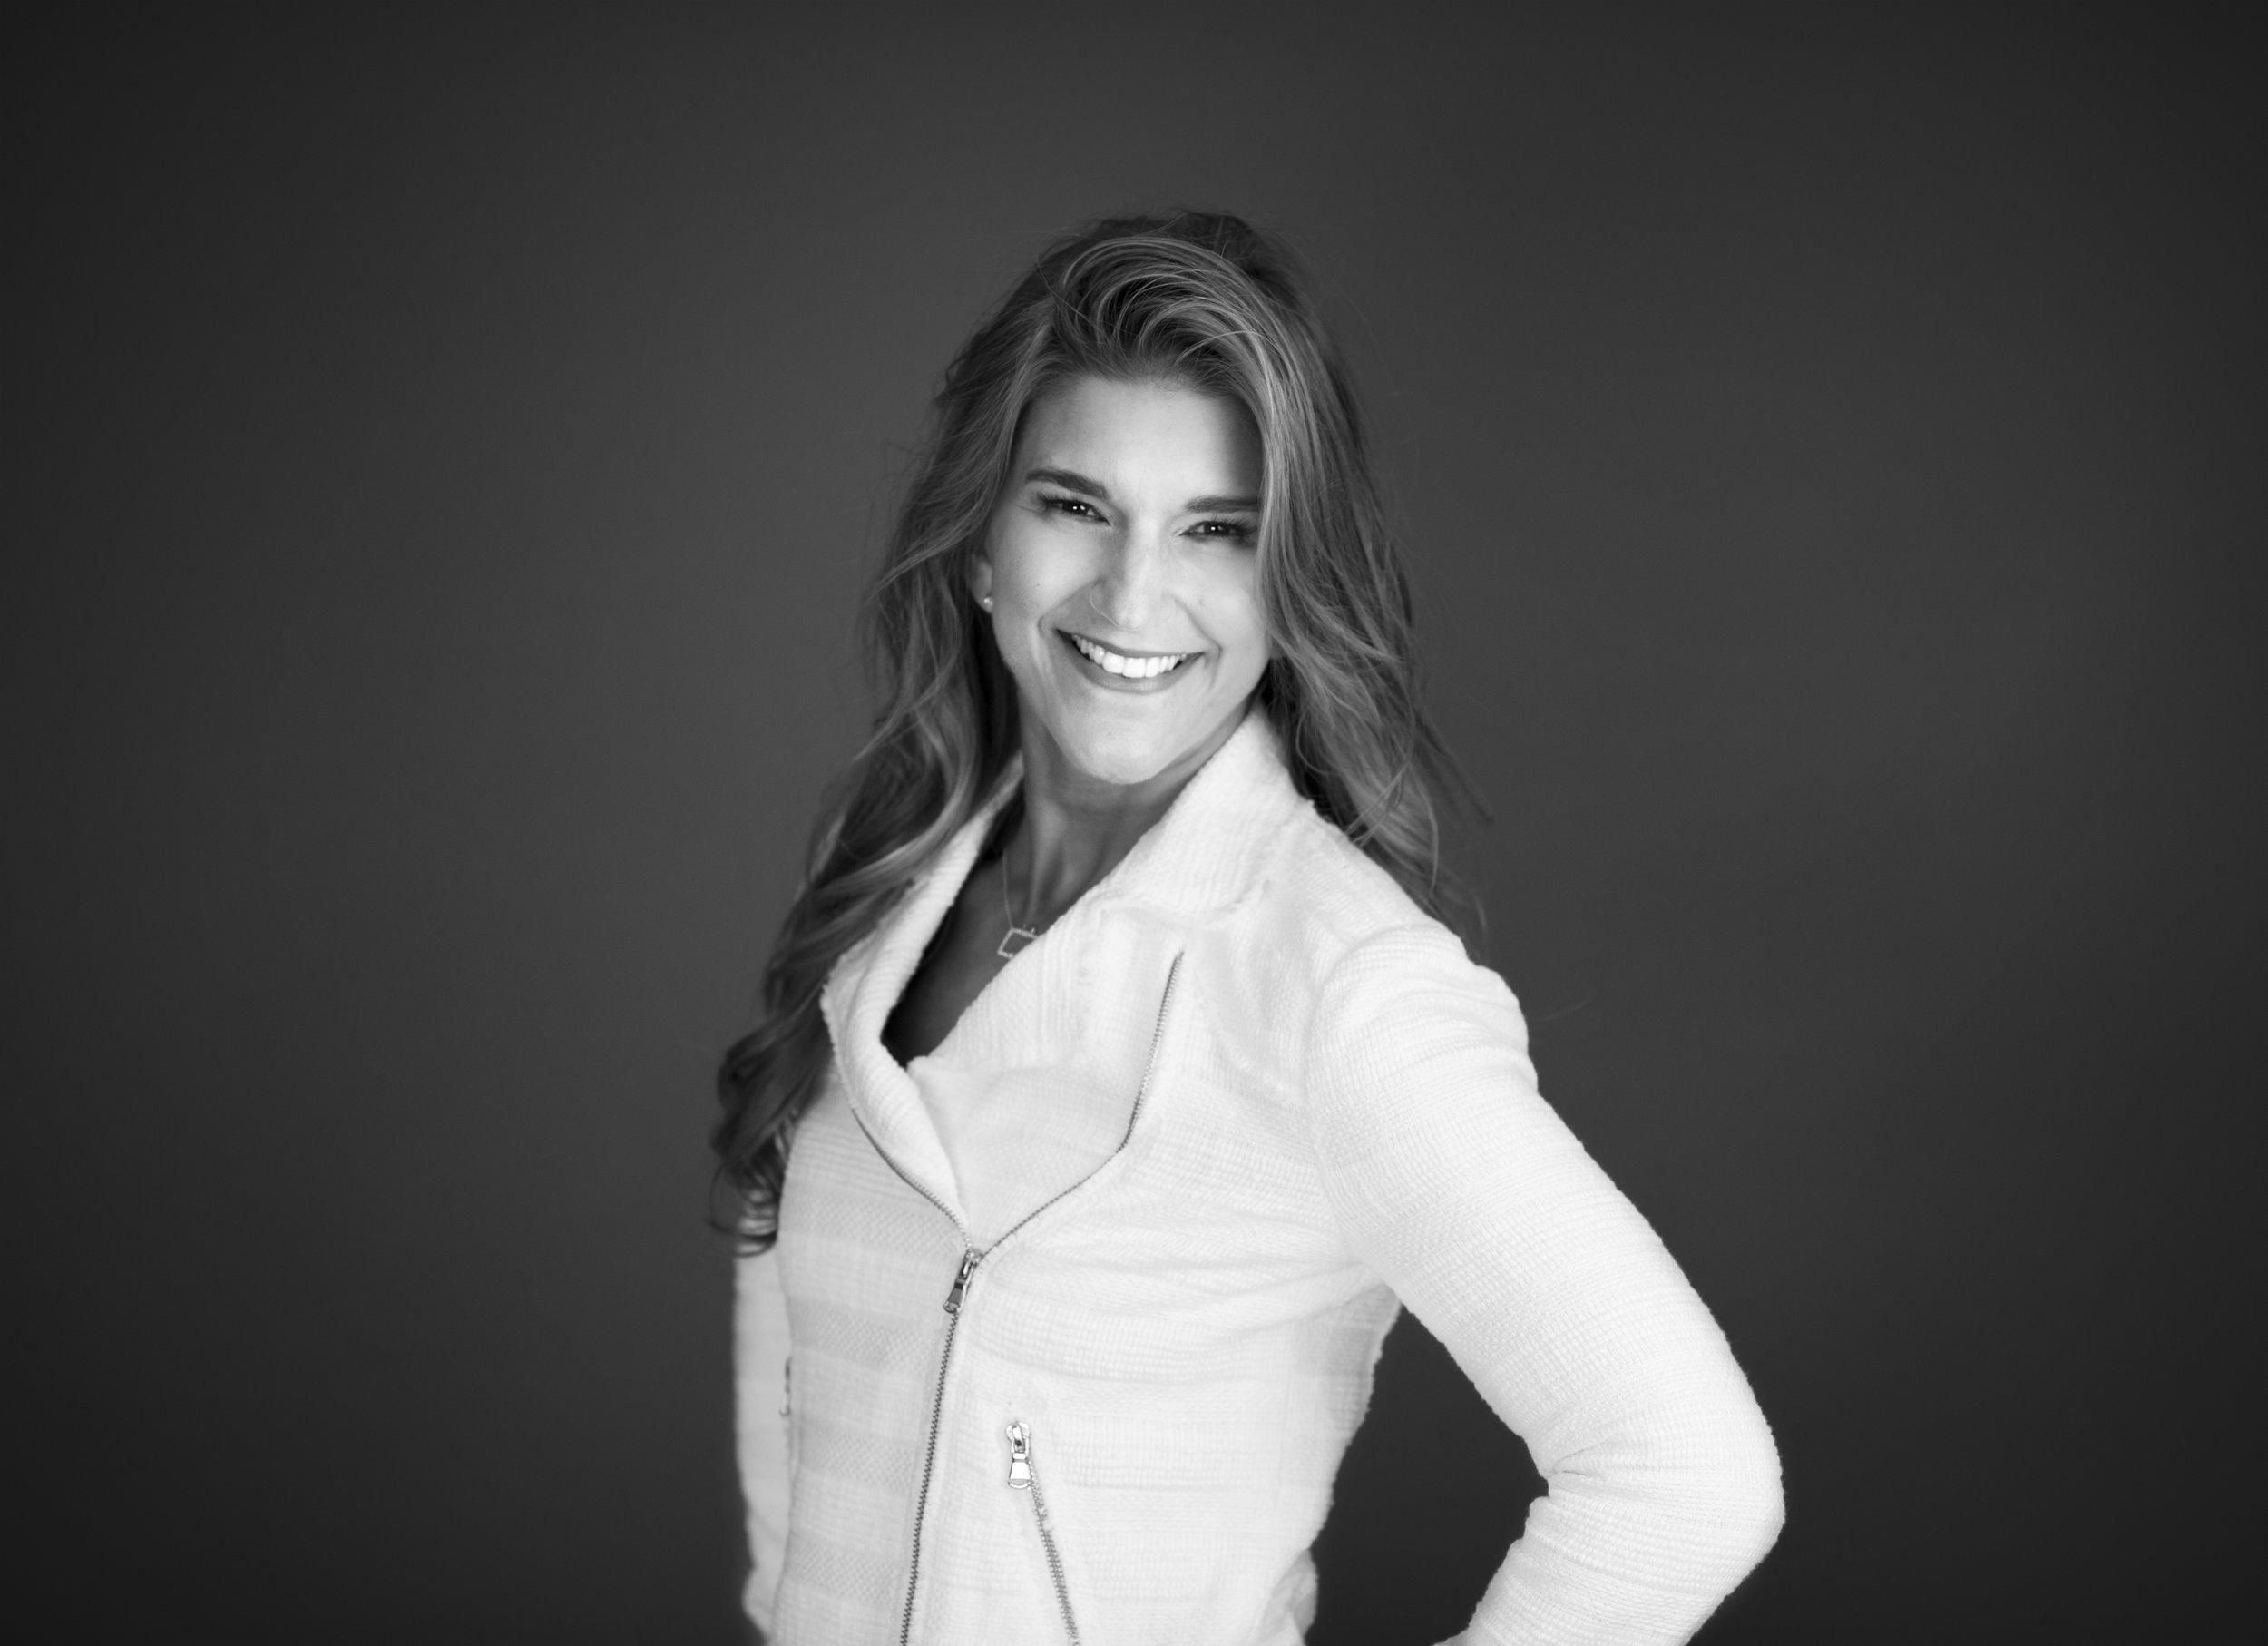 Renata Merino, Founder of Blazin Babes